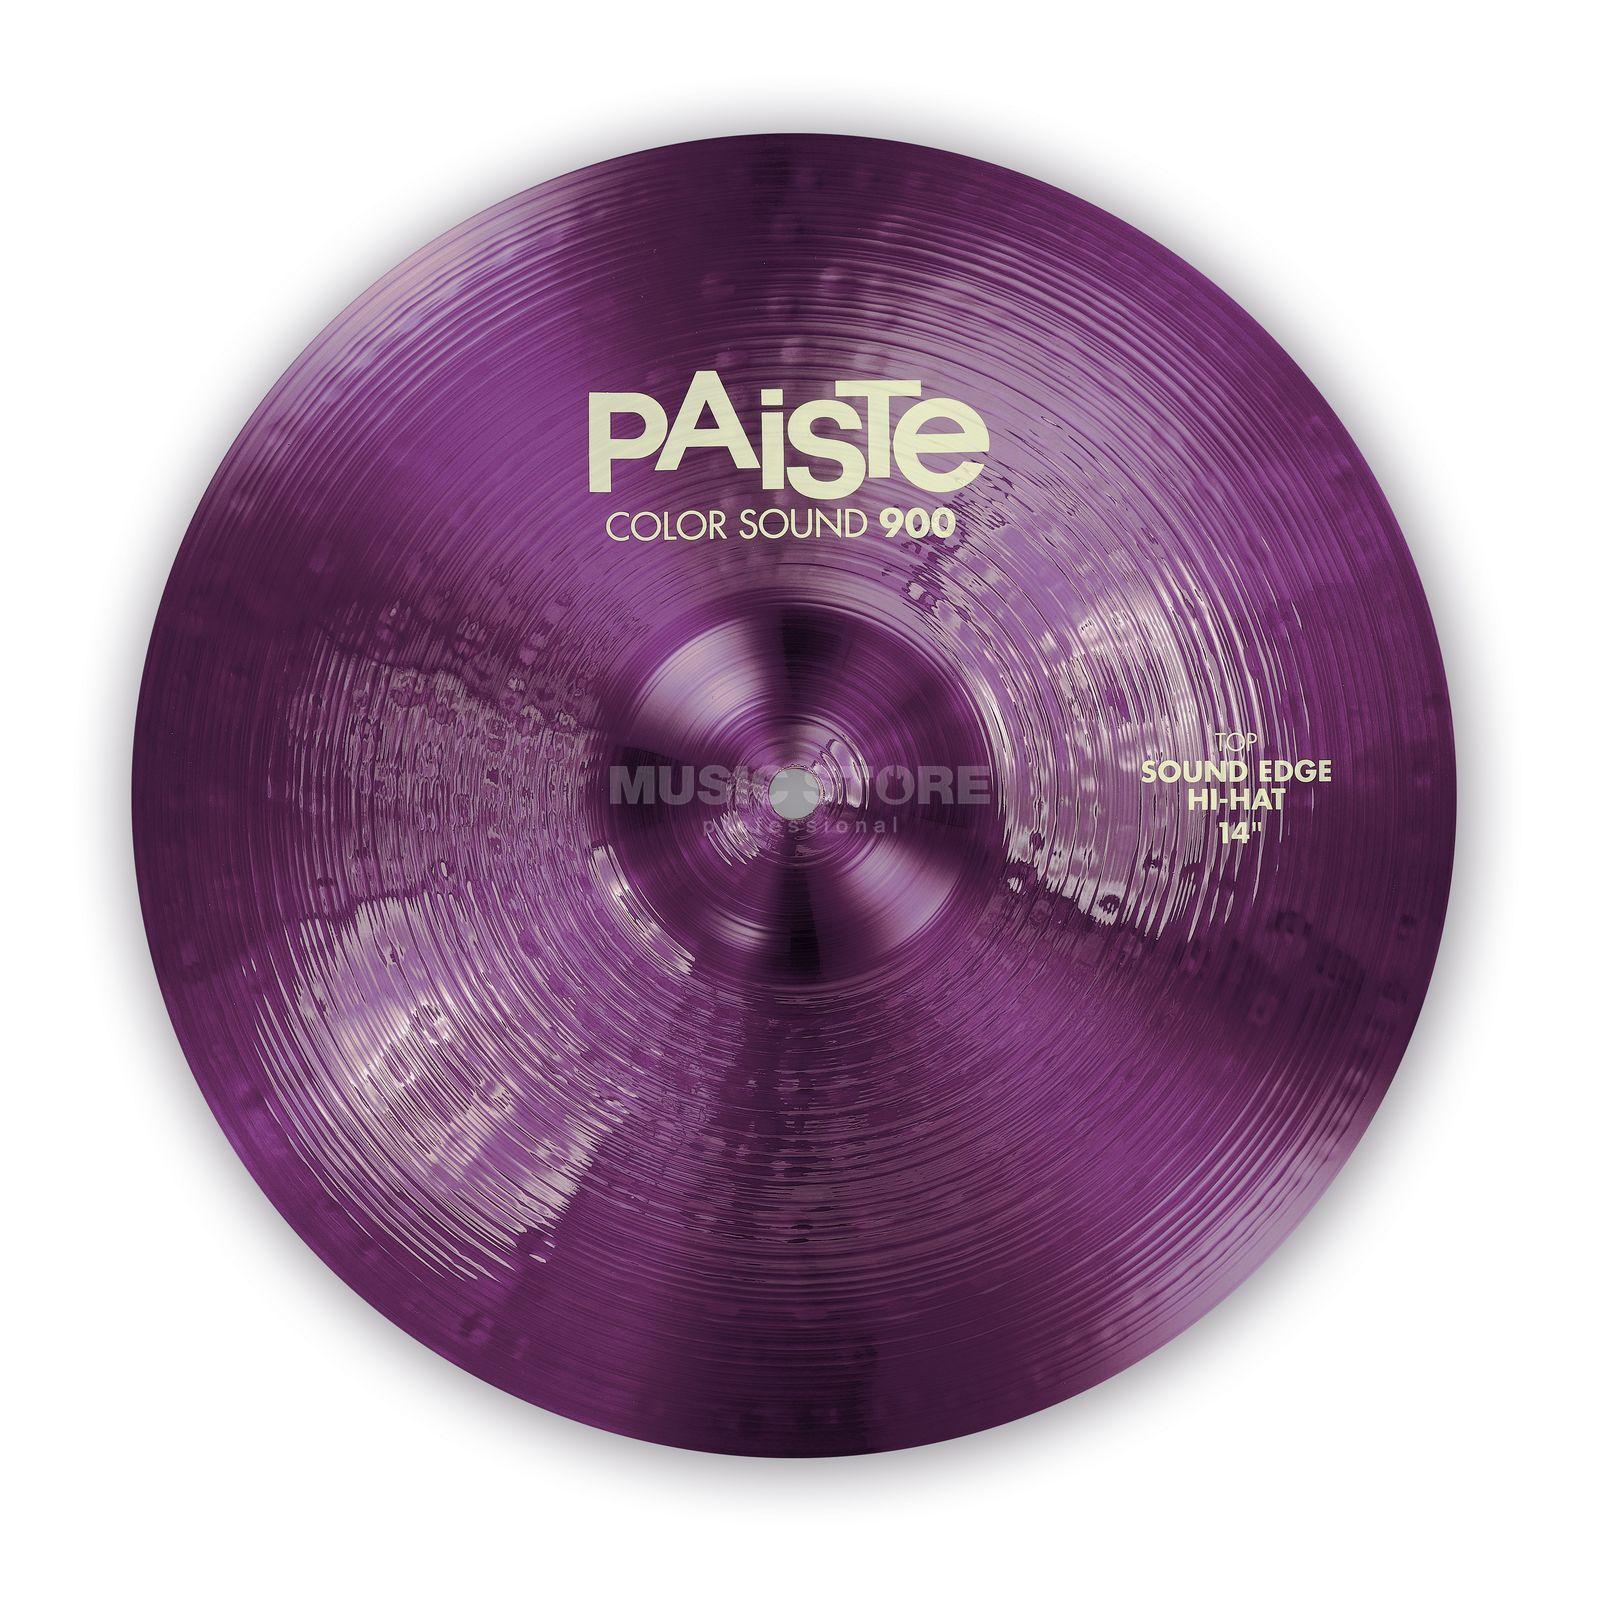 paiste cs 900 sound edge hihat 14 color sound purple